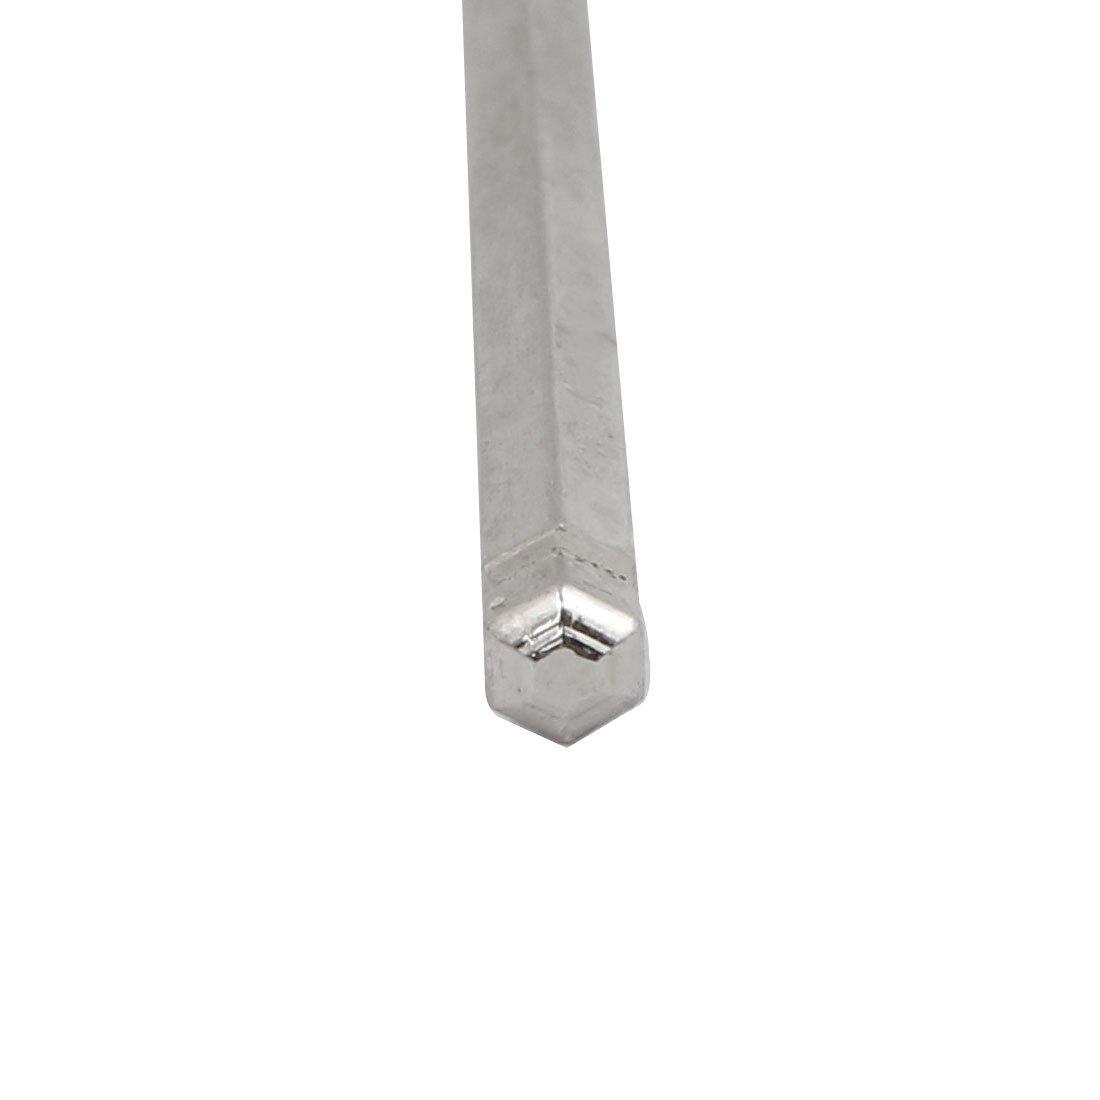 sourcing map Llave de Contratuerca de 2 puntas de Amoladora angular de hierro Llave de acabado chapado de Zinc 2uds